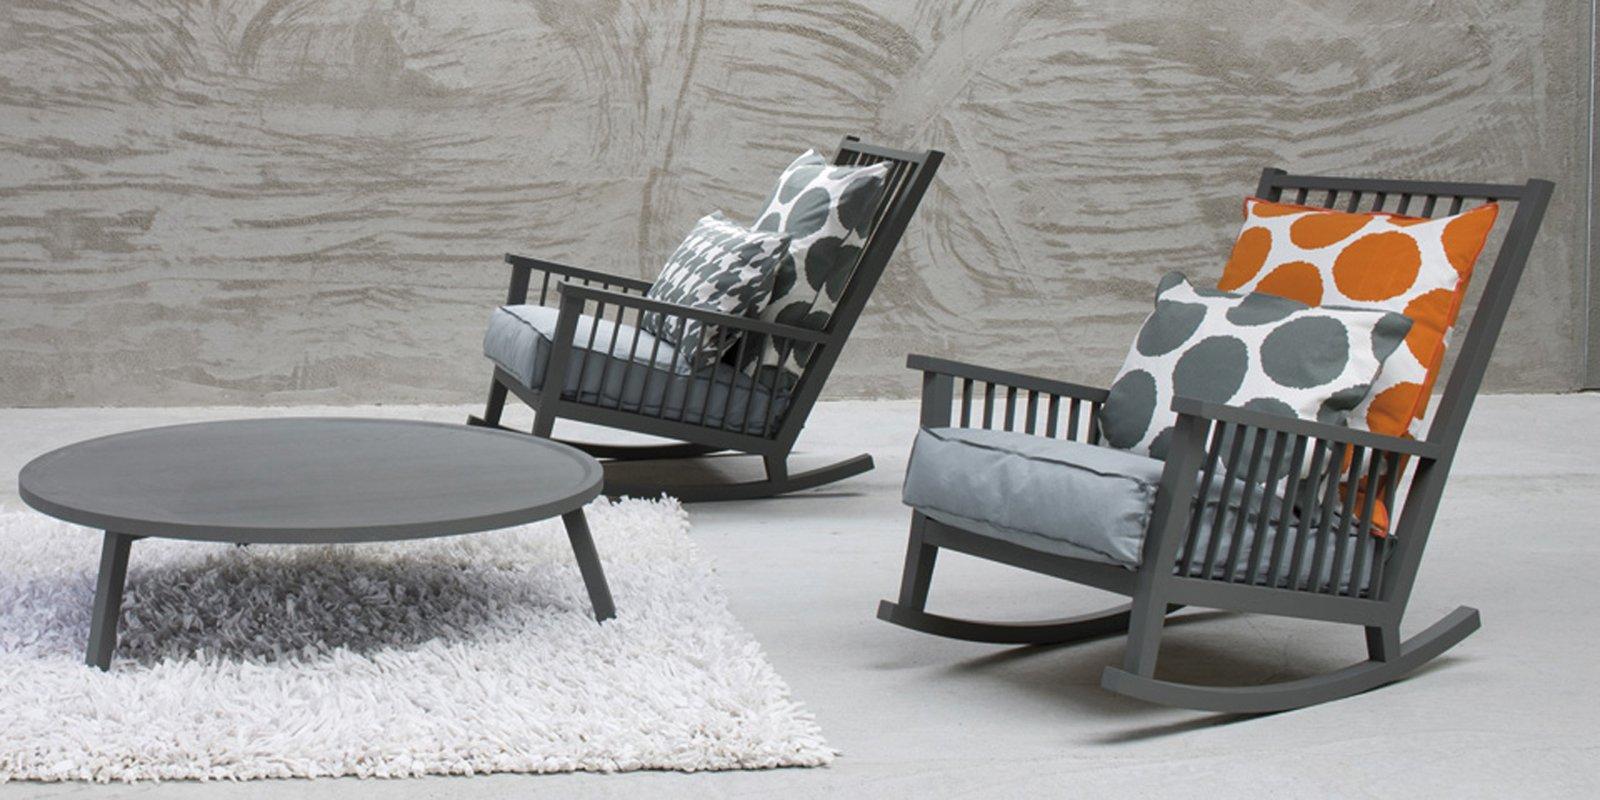 La Poltrona A Dondolo Gray 09 Di Gervasoni Mescola All'eleganza  #AB5920 1600 800 Sedia A Dondolo In Legno Ikea